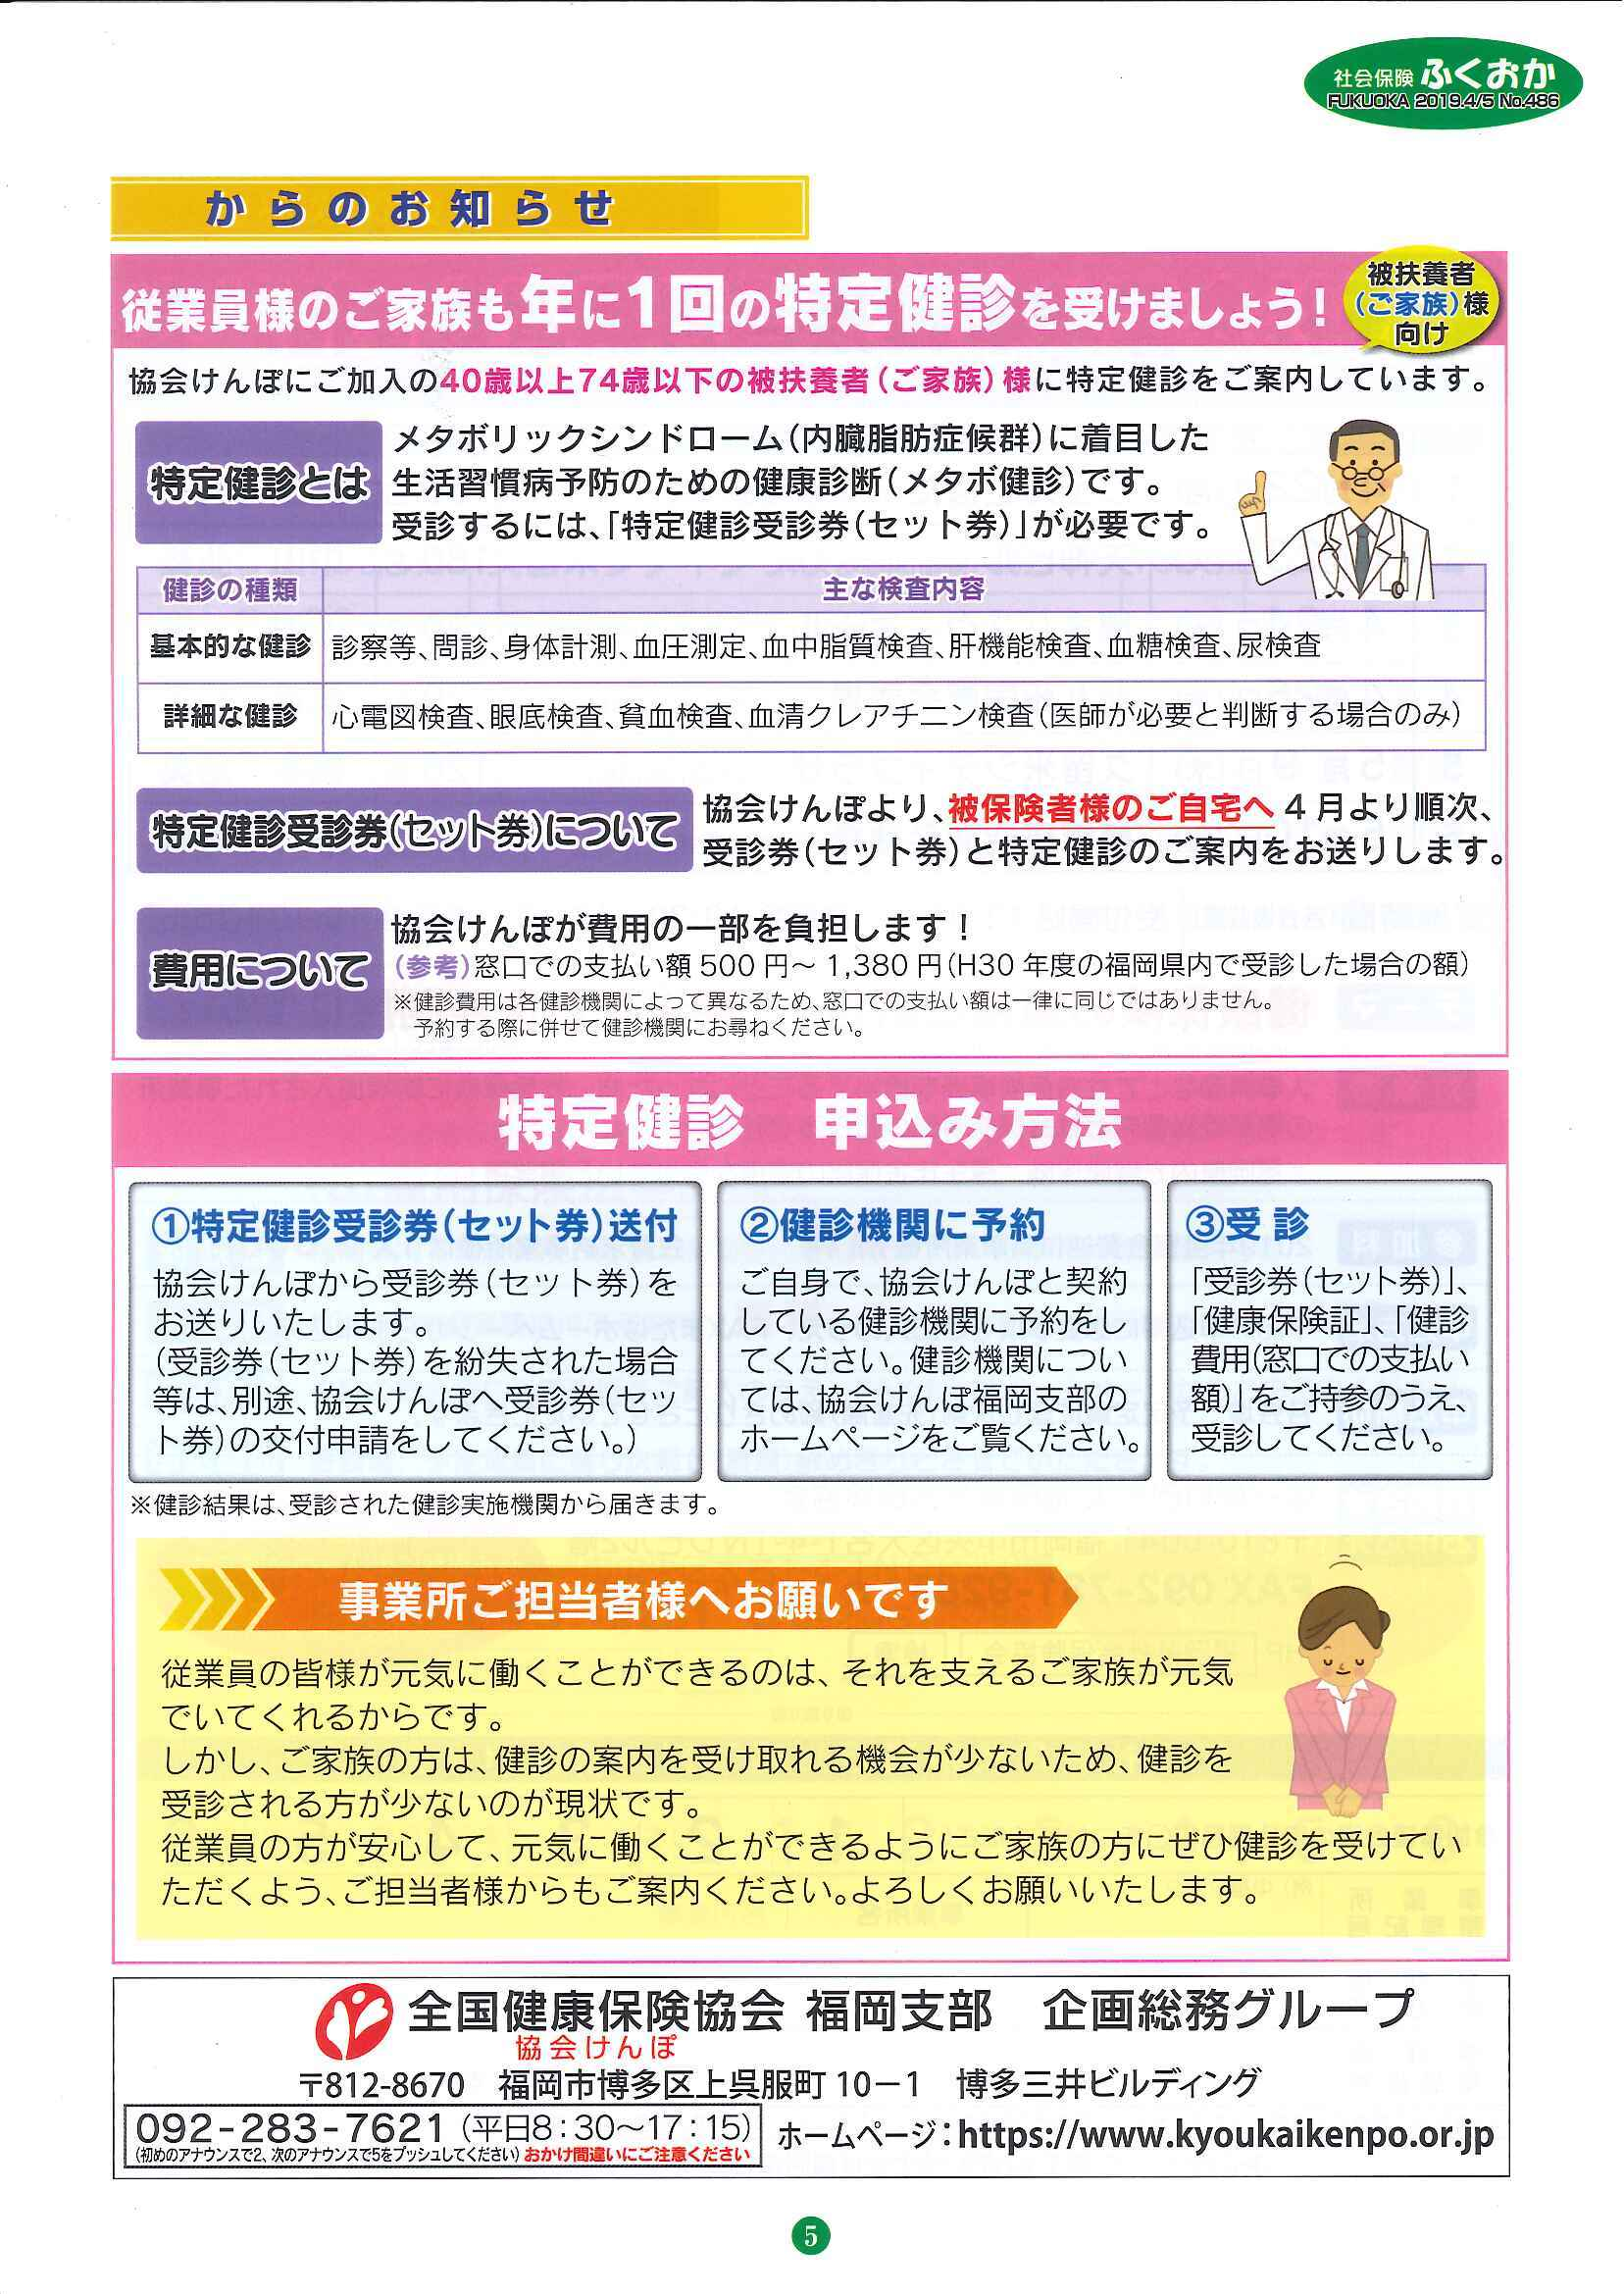 社会保険 ふくおか 2019年4・5月号_f0120774_15081928.jpg